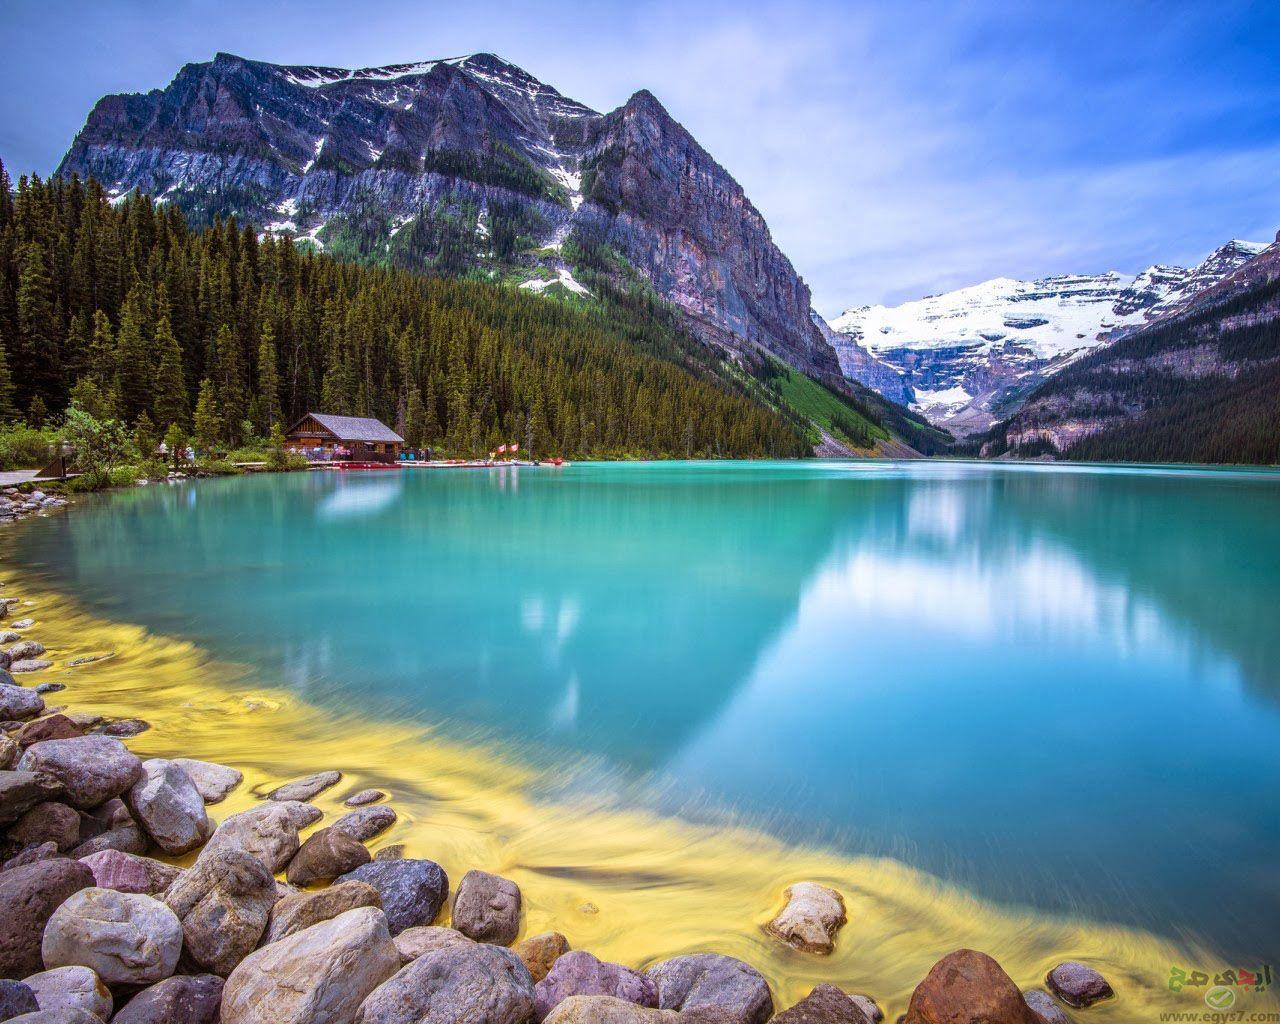 صور مناظر طبيعية خلابة اجمل مناظر الطبيعة مناظر طبيعية